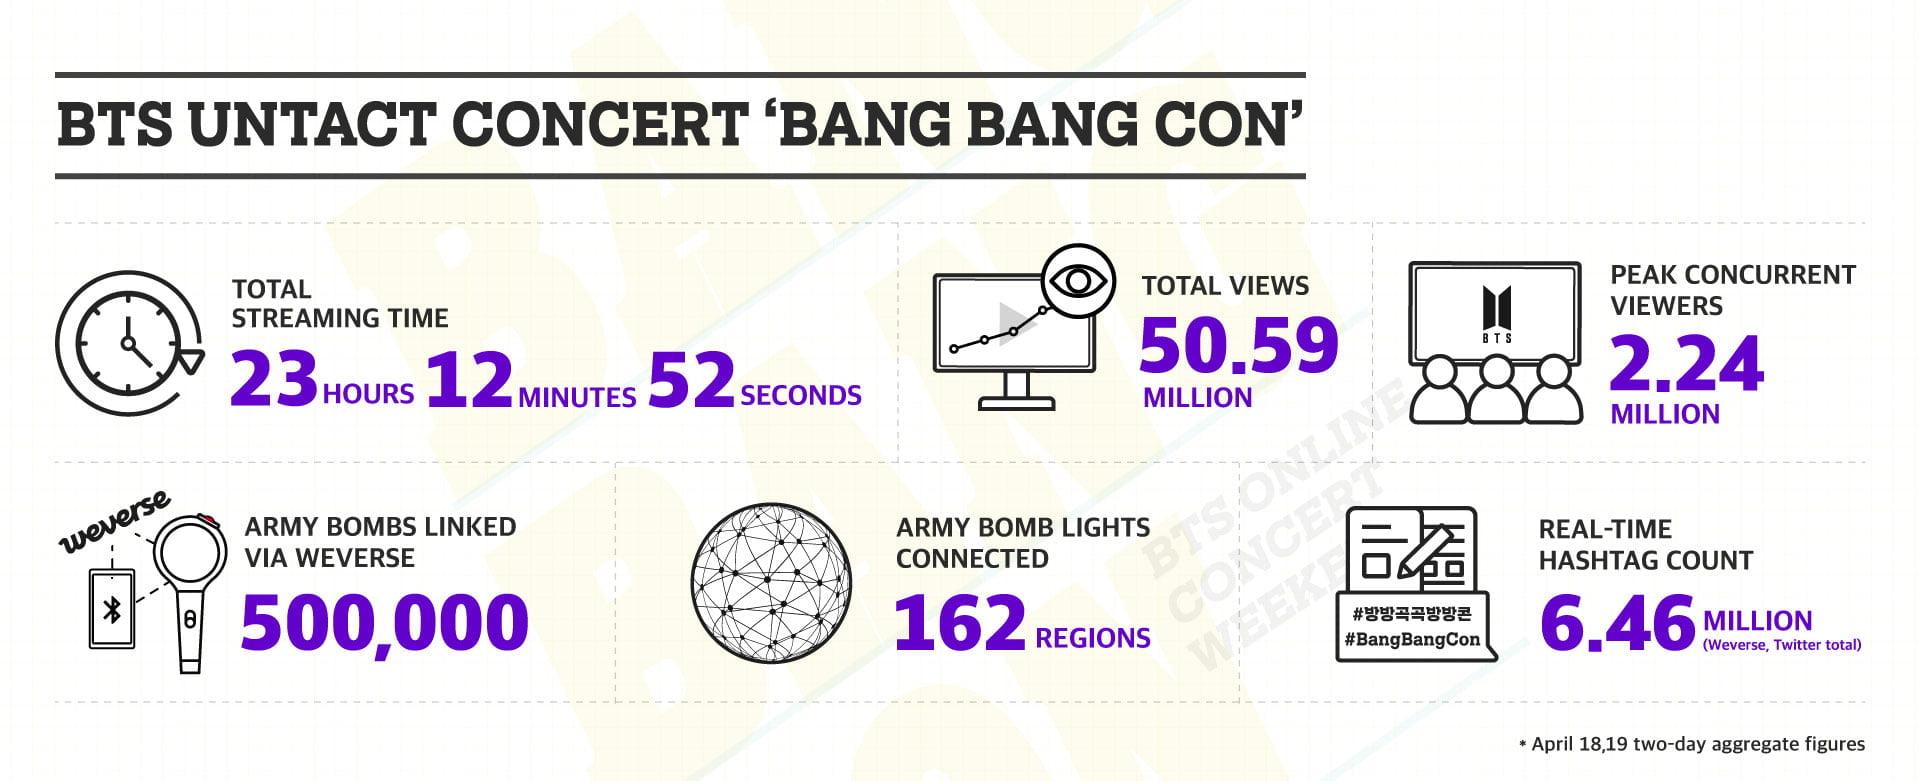 BTS Bang Bang Con statistics